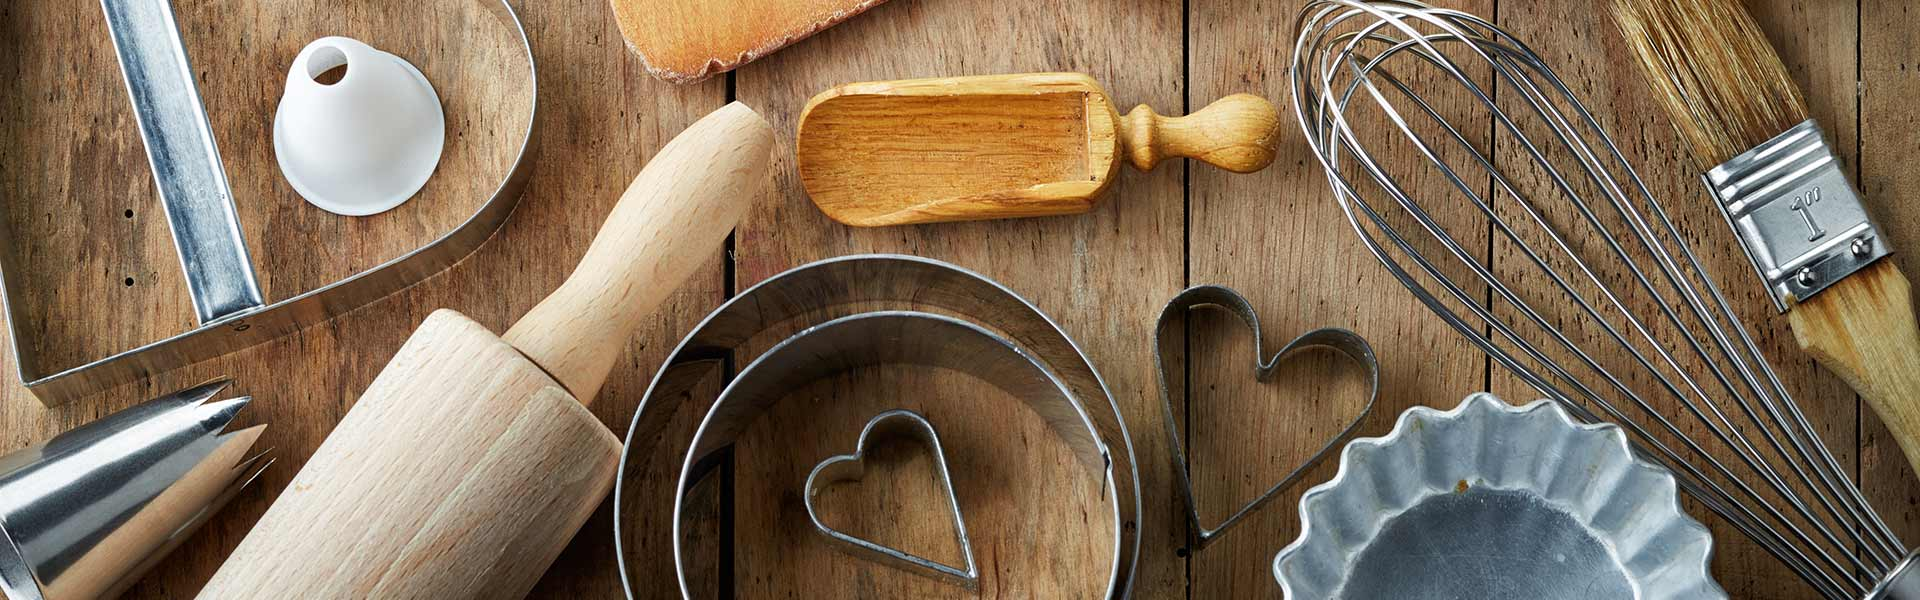 Le ricette di cucina di Manu. Oltre 26.000